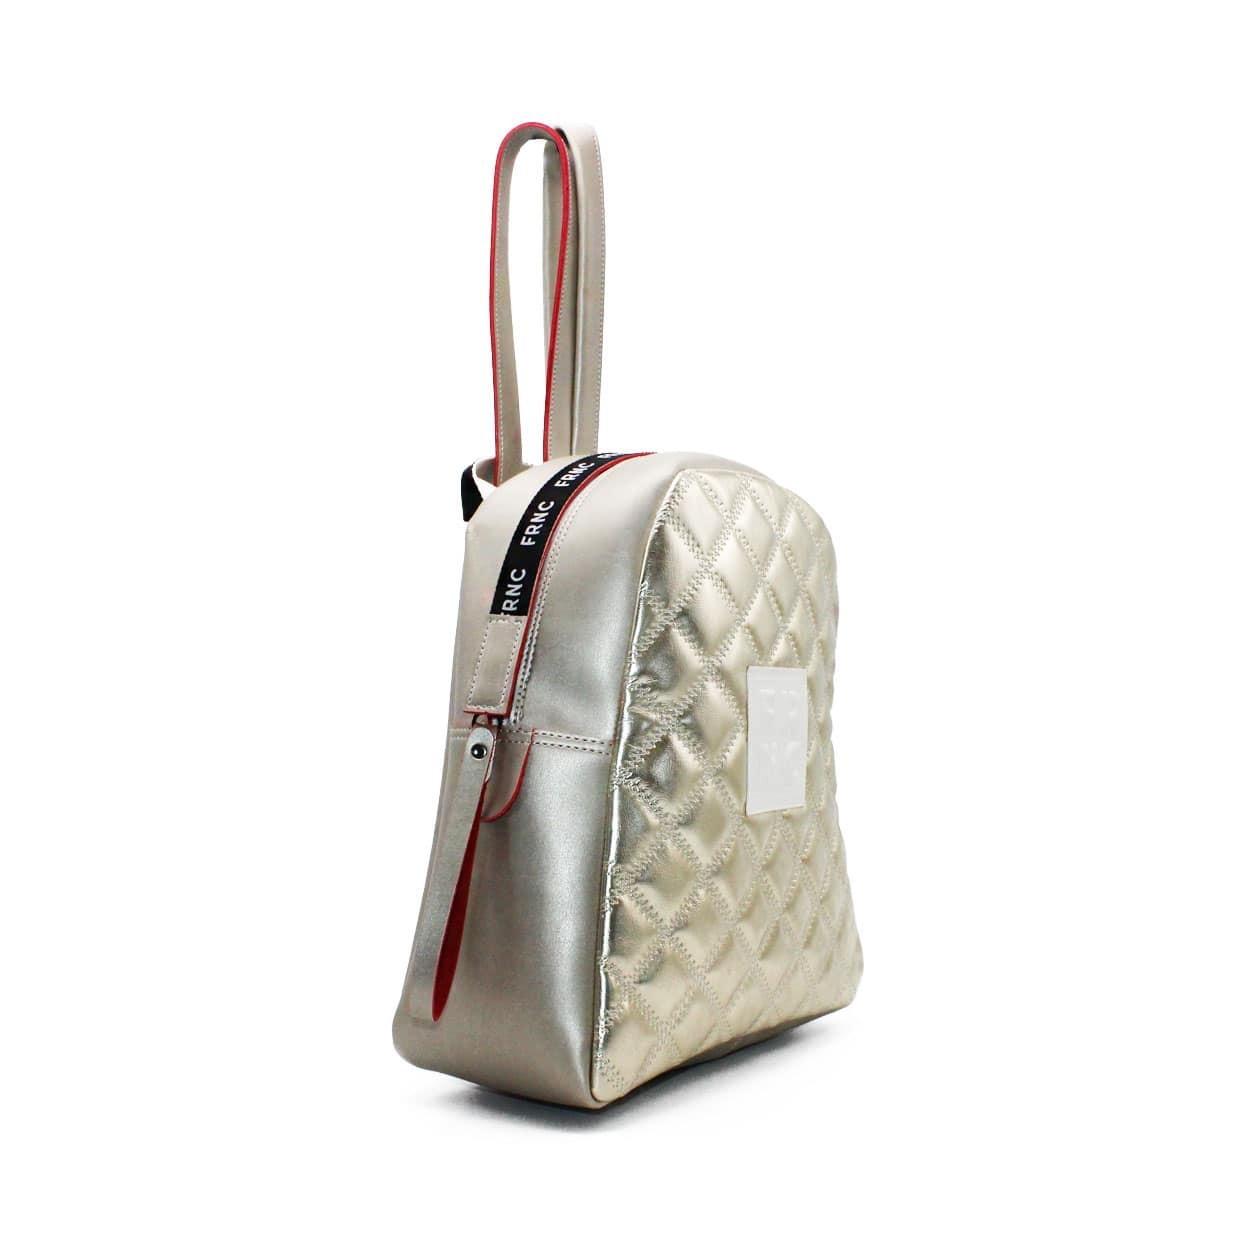 ec6e4572af FRNC FRANCESCO Τσάντα Γυναικεία Πλάτης-Backpack 1201 Πλατίνα Καπιτονέ –  IShoeStore